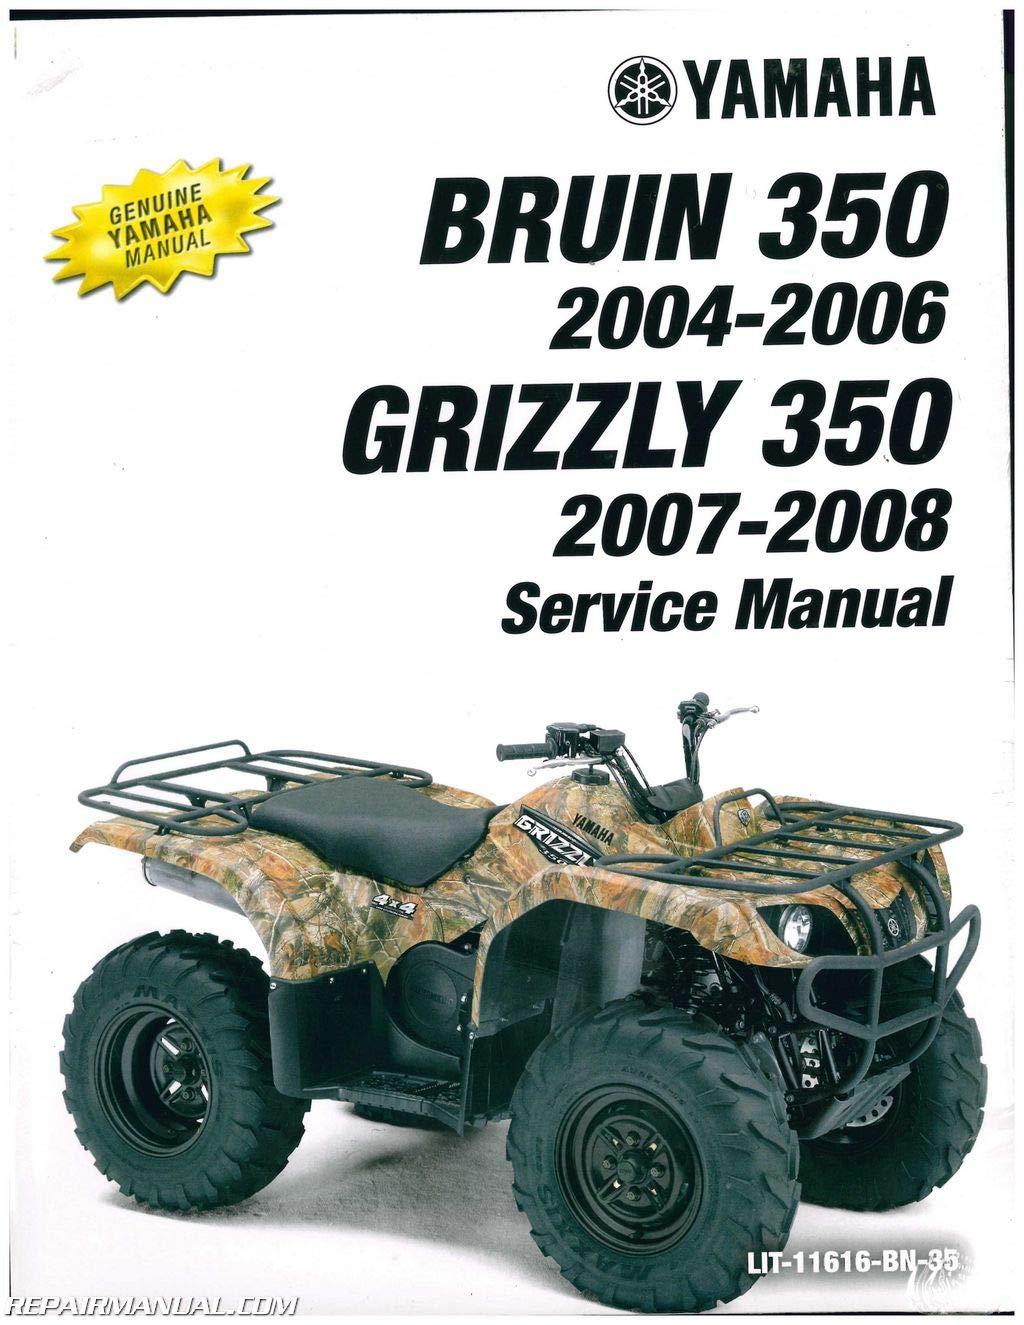 Lit 11616 Bn 35 2003 2011 Yamaha Yfm350 Bruin Grizzly Auto 4x4 Yfm400 Kodiak 4wd Service Manual By Author Amazon Com Books